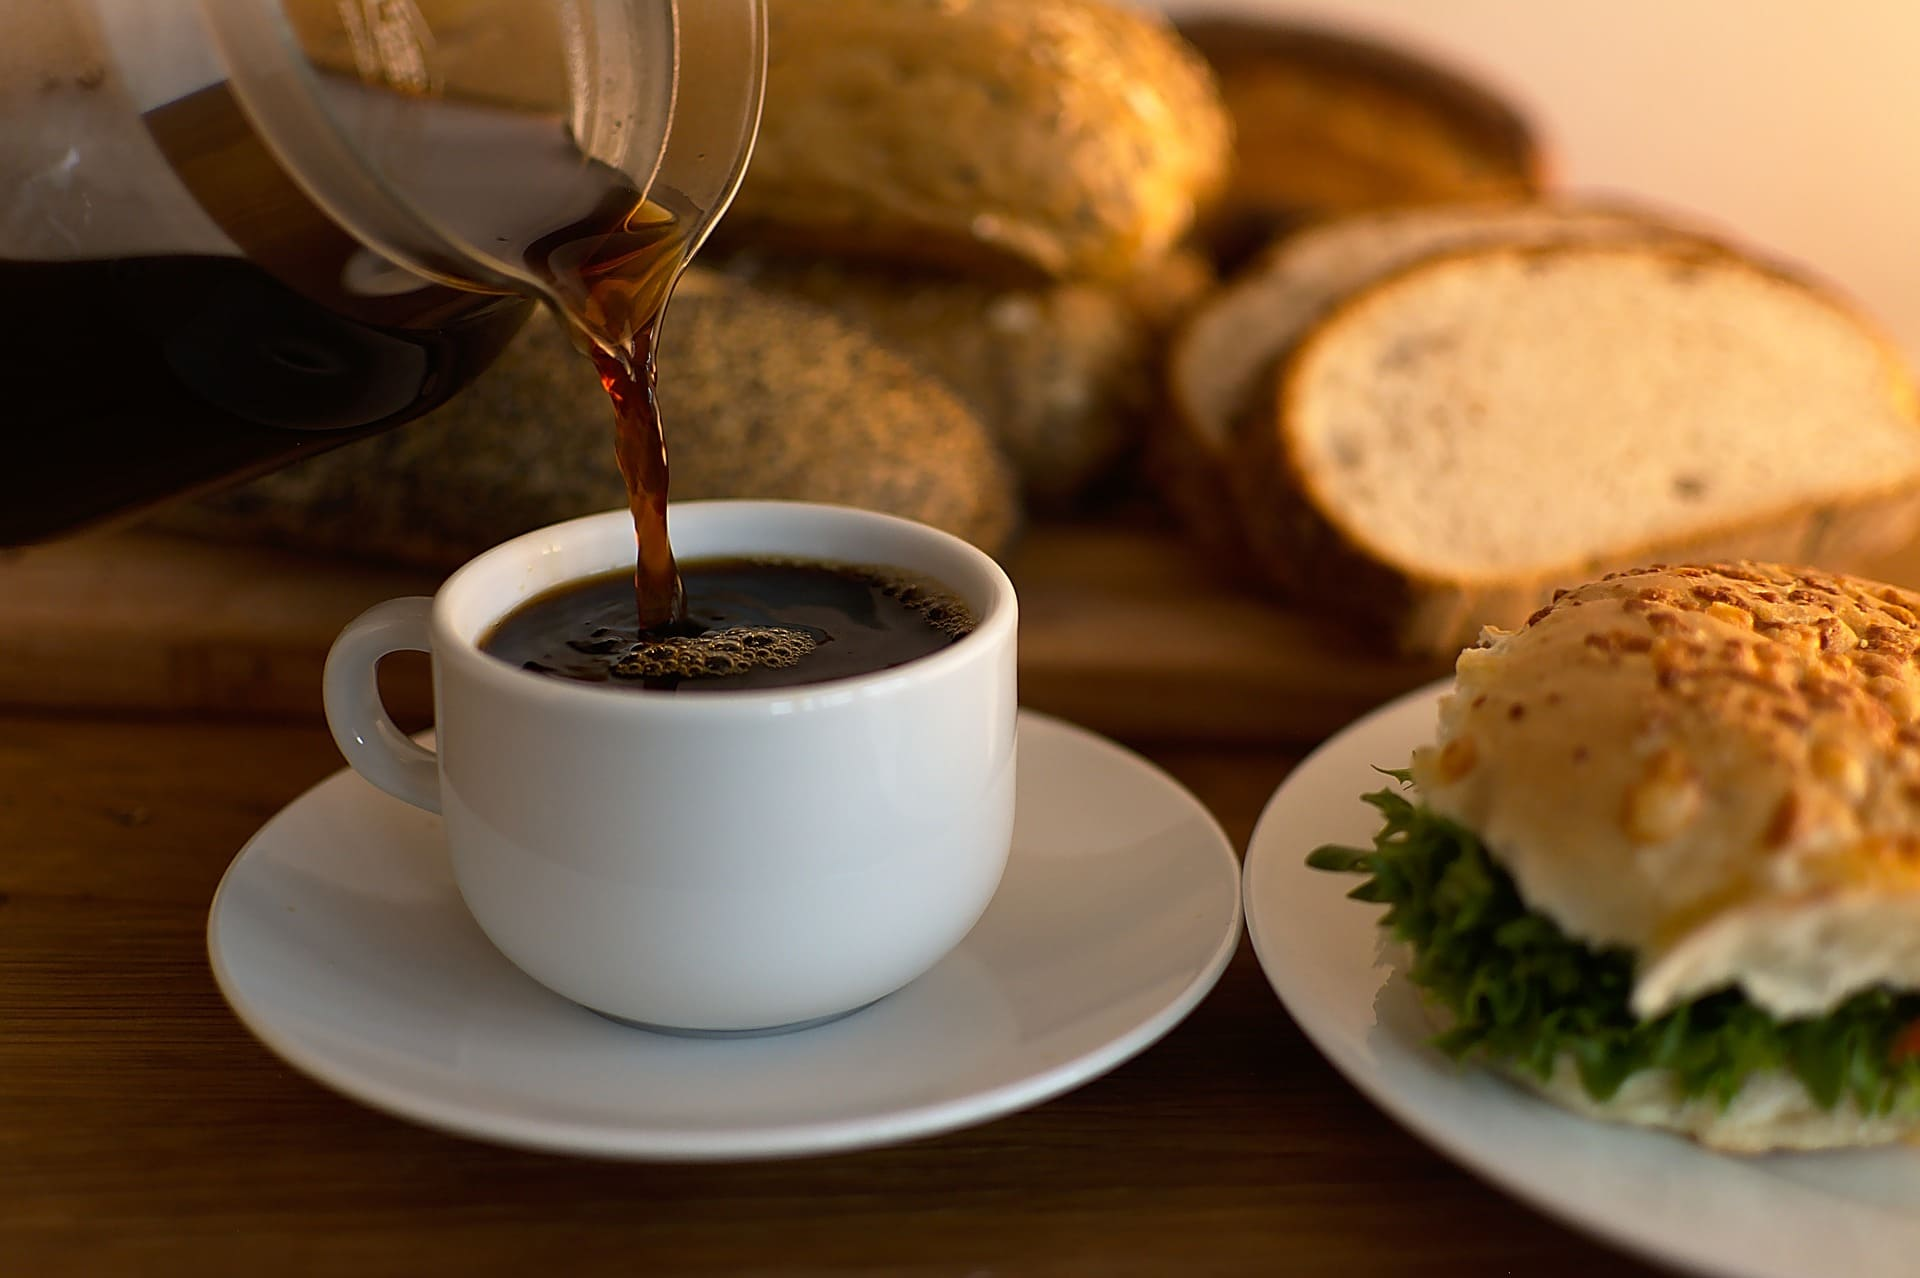 coffee-722270_1920 (1)